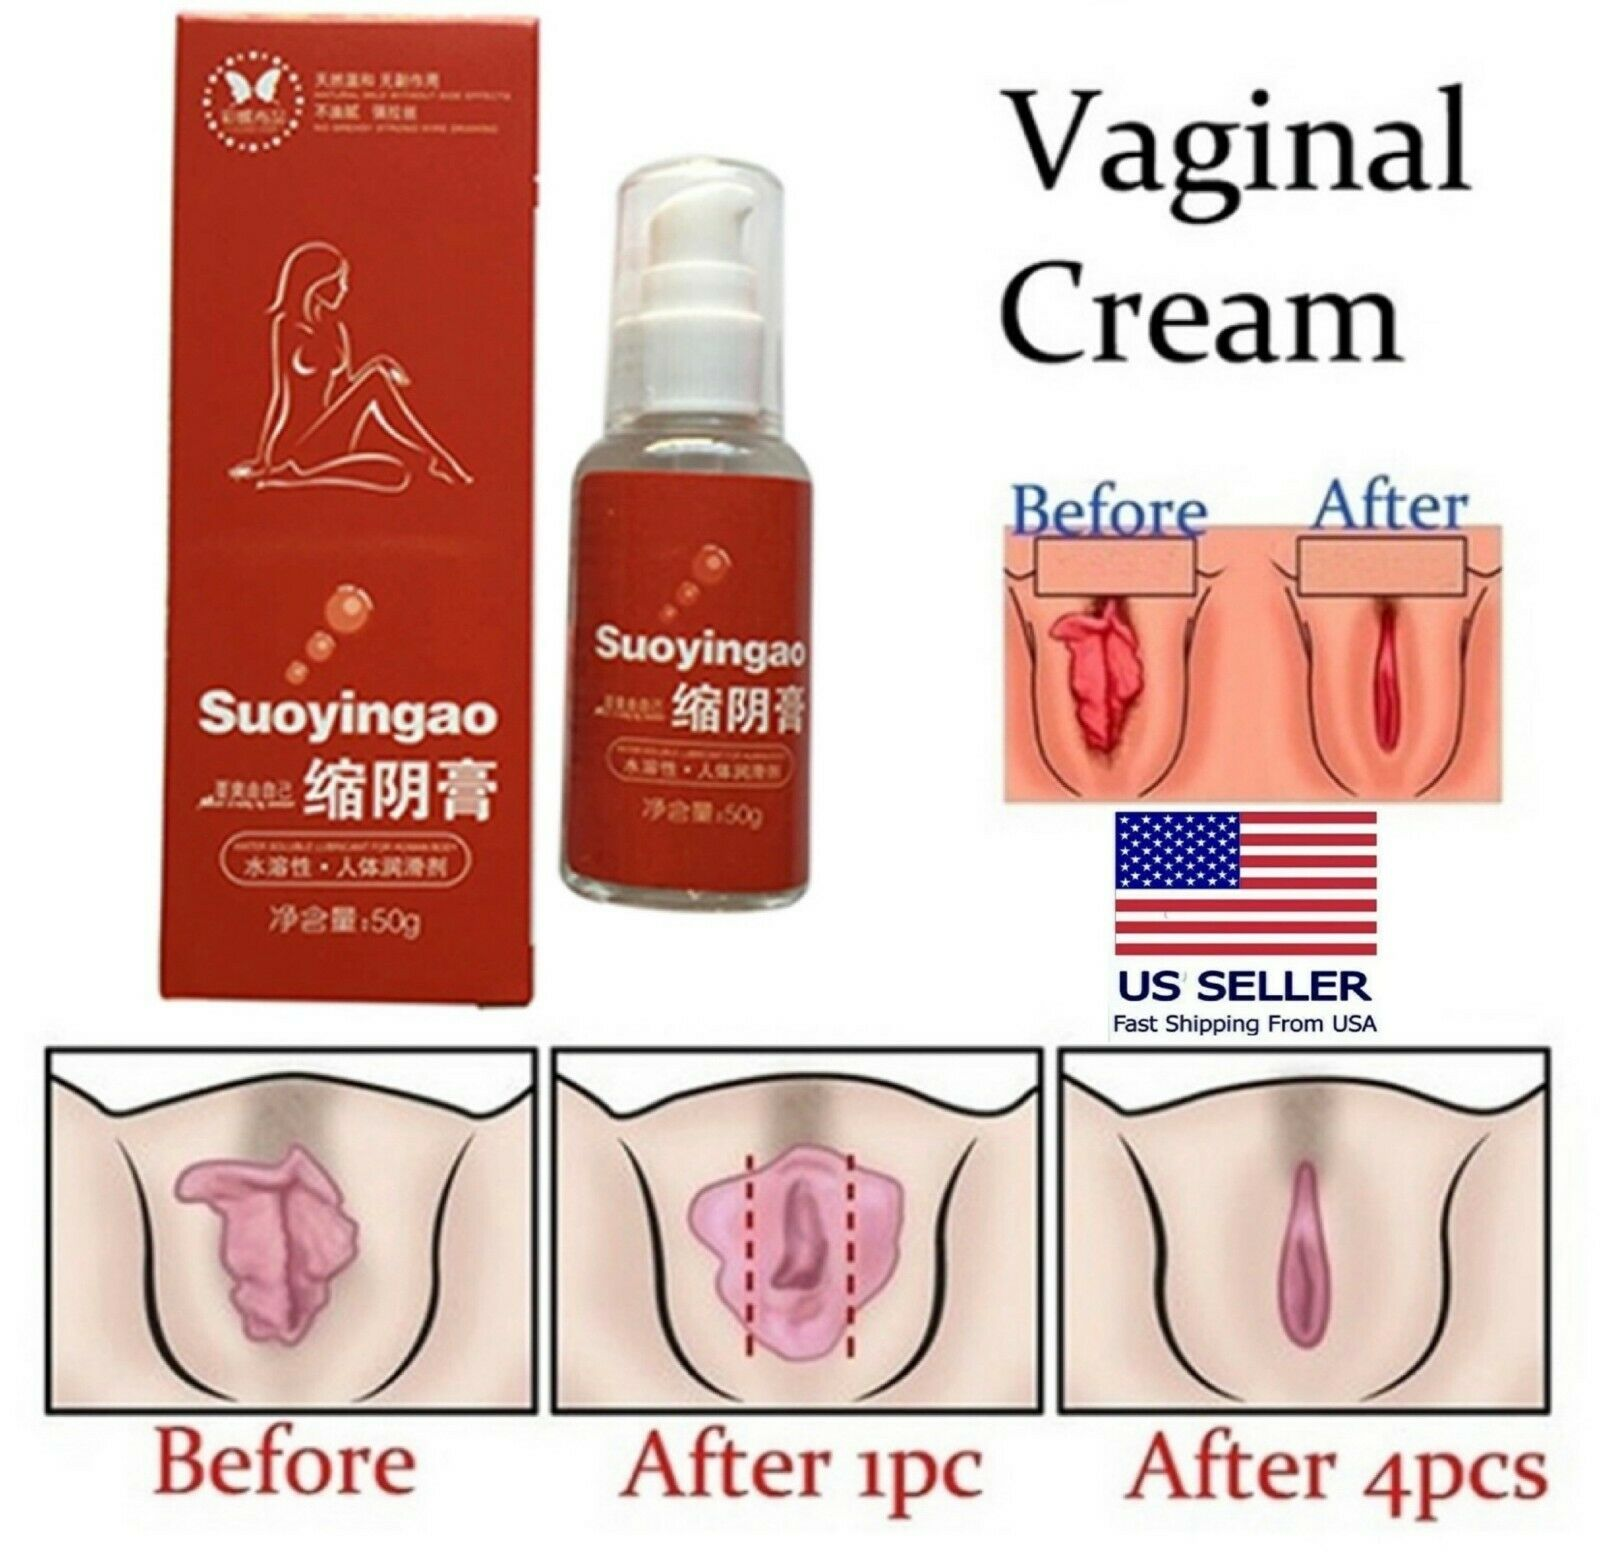 Vagina Tightening Extra Strong Virgin Vaginal Tight Shrink Cream Gel For Sale Online Ebay